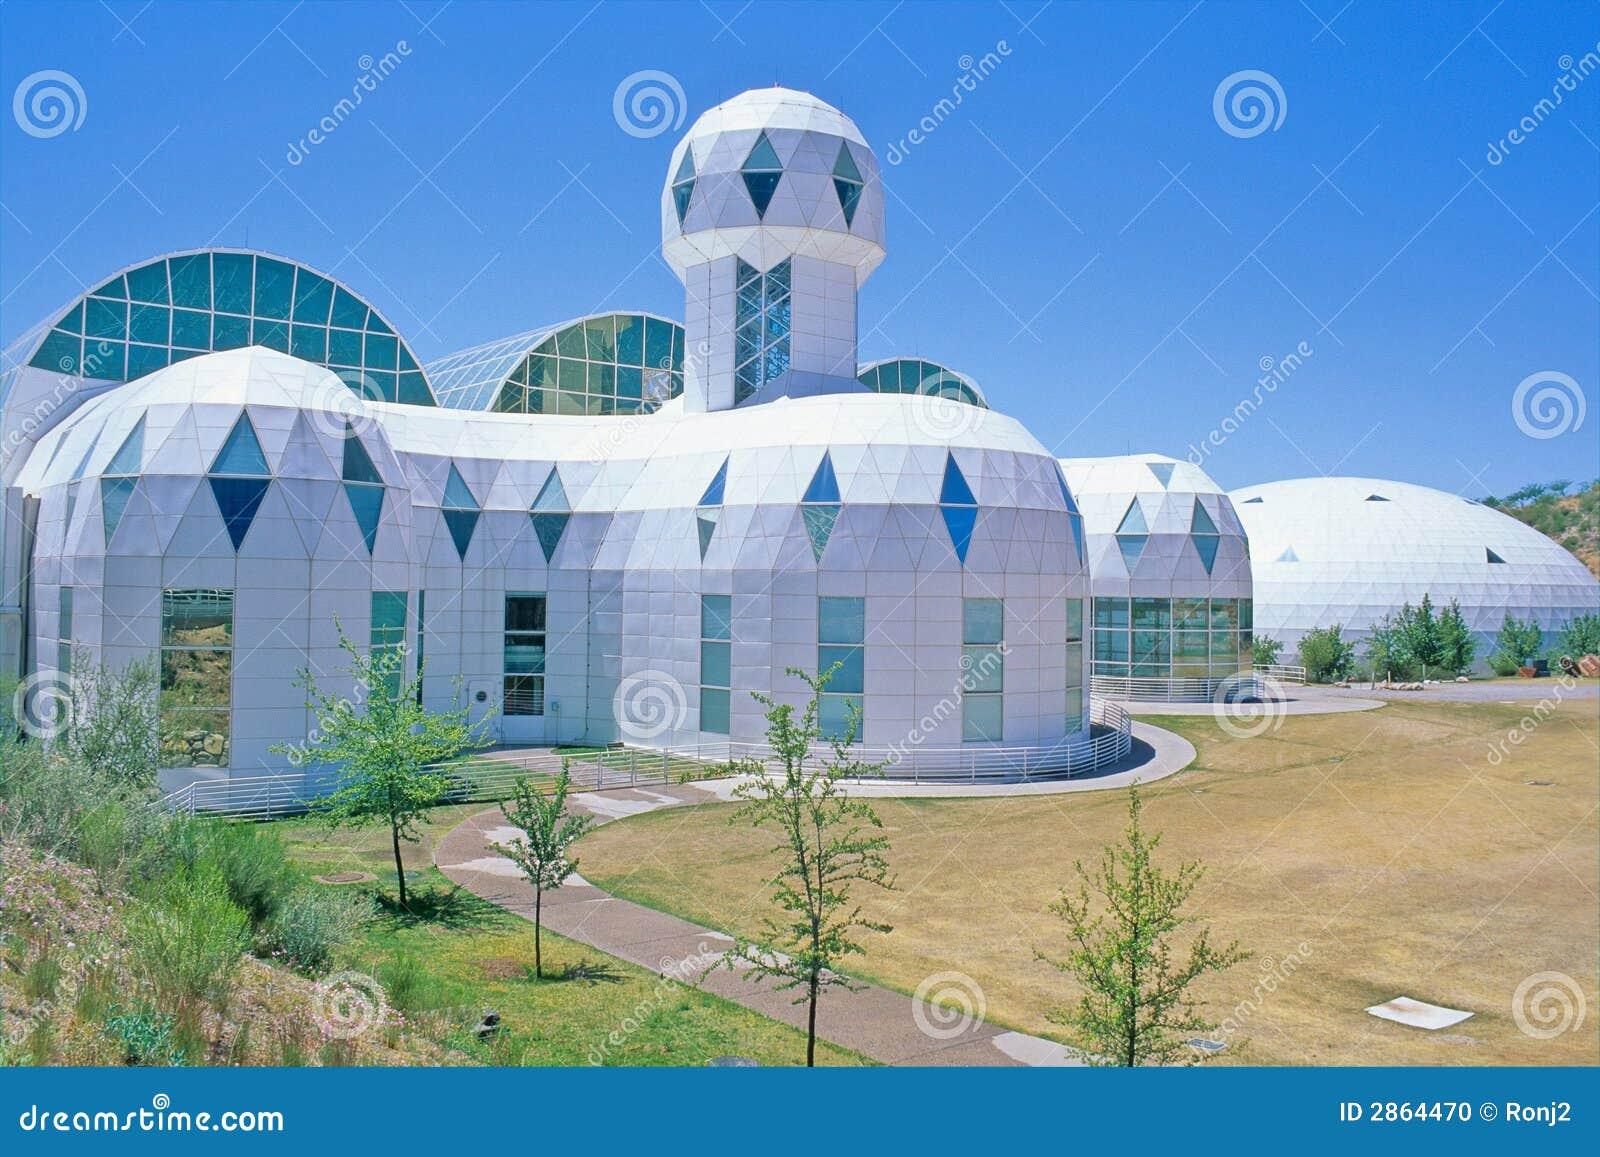 Biosphere #3